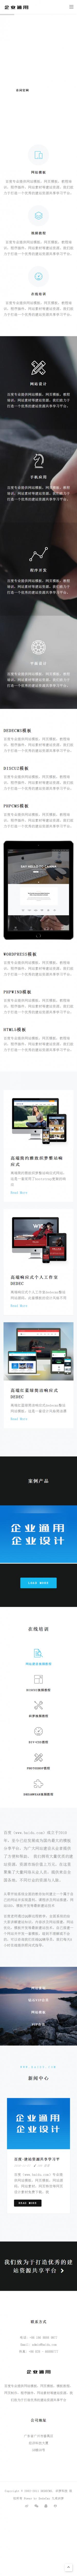 响应式优雅大气集团企业自适应dedecms模板手机端演示